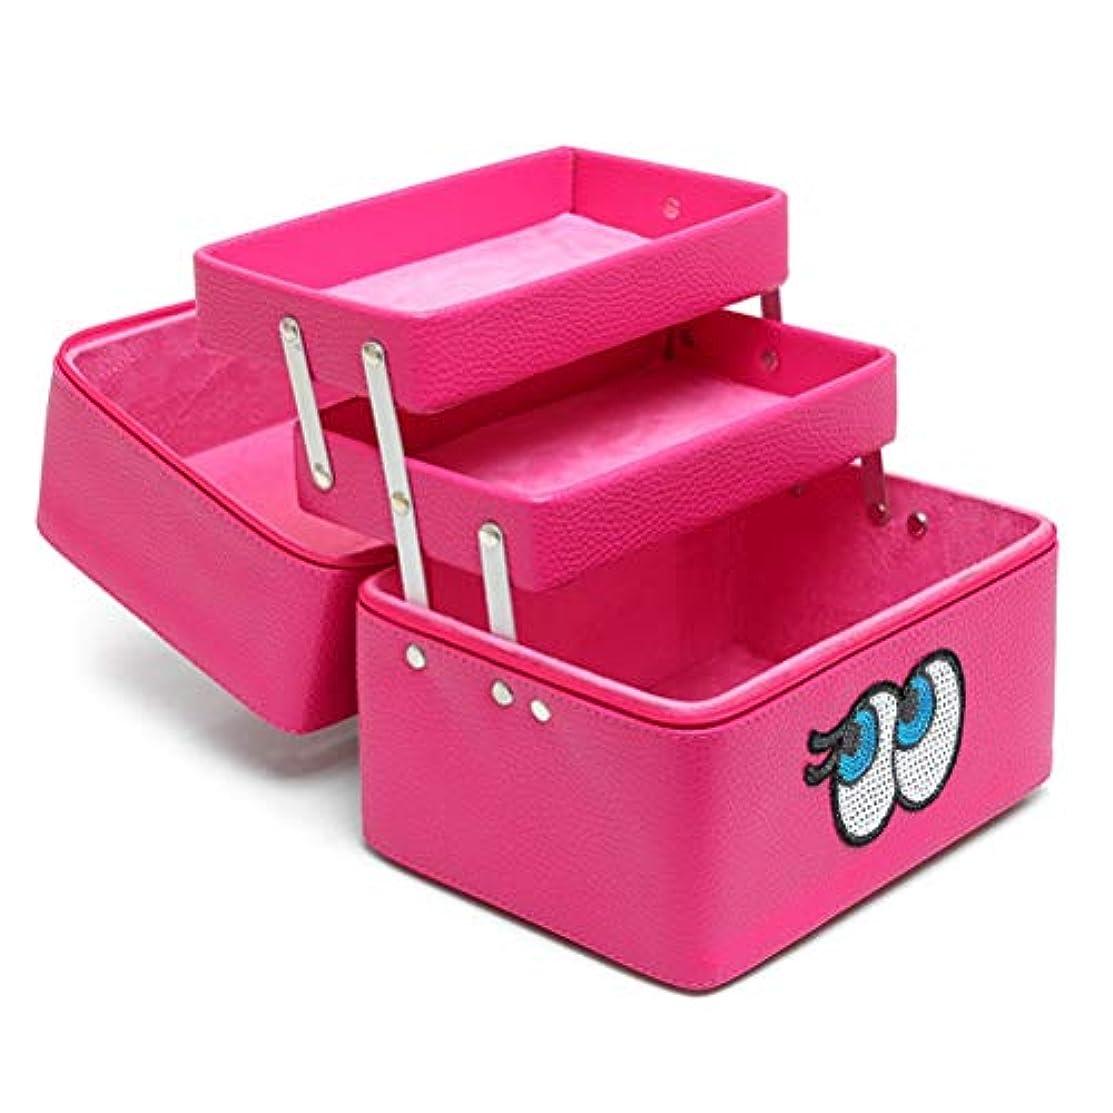 精査する自由抜け目がないメイクボックス 化粧品収納ボックス 多層 コスメボックス メイクケース スキンケア用品入れ 中身 コスメ収納 取っ手付き 持ち運び 防水 ファスナー 可愛い 防塵 鏡付き 機能的 プロ 化粧BOX